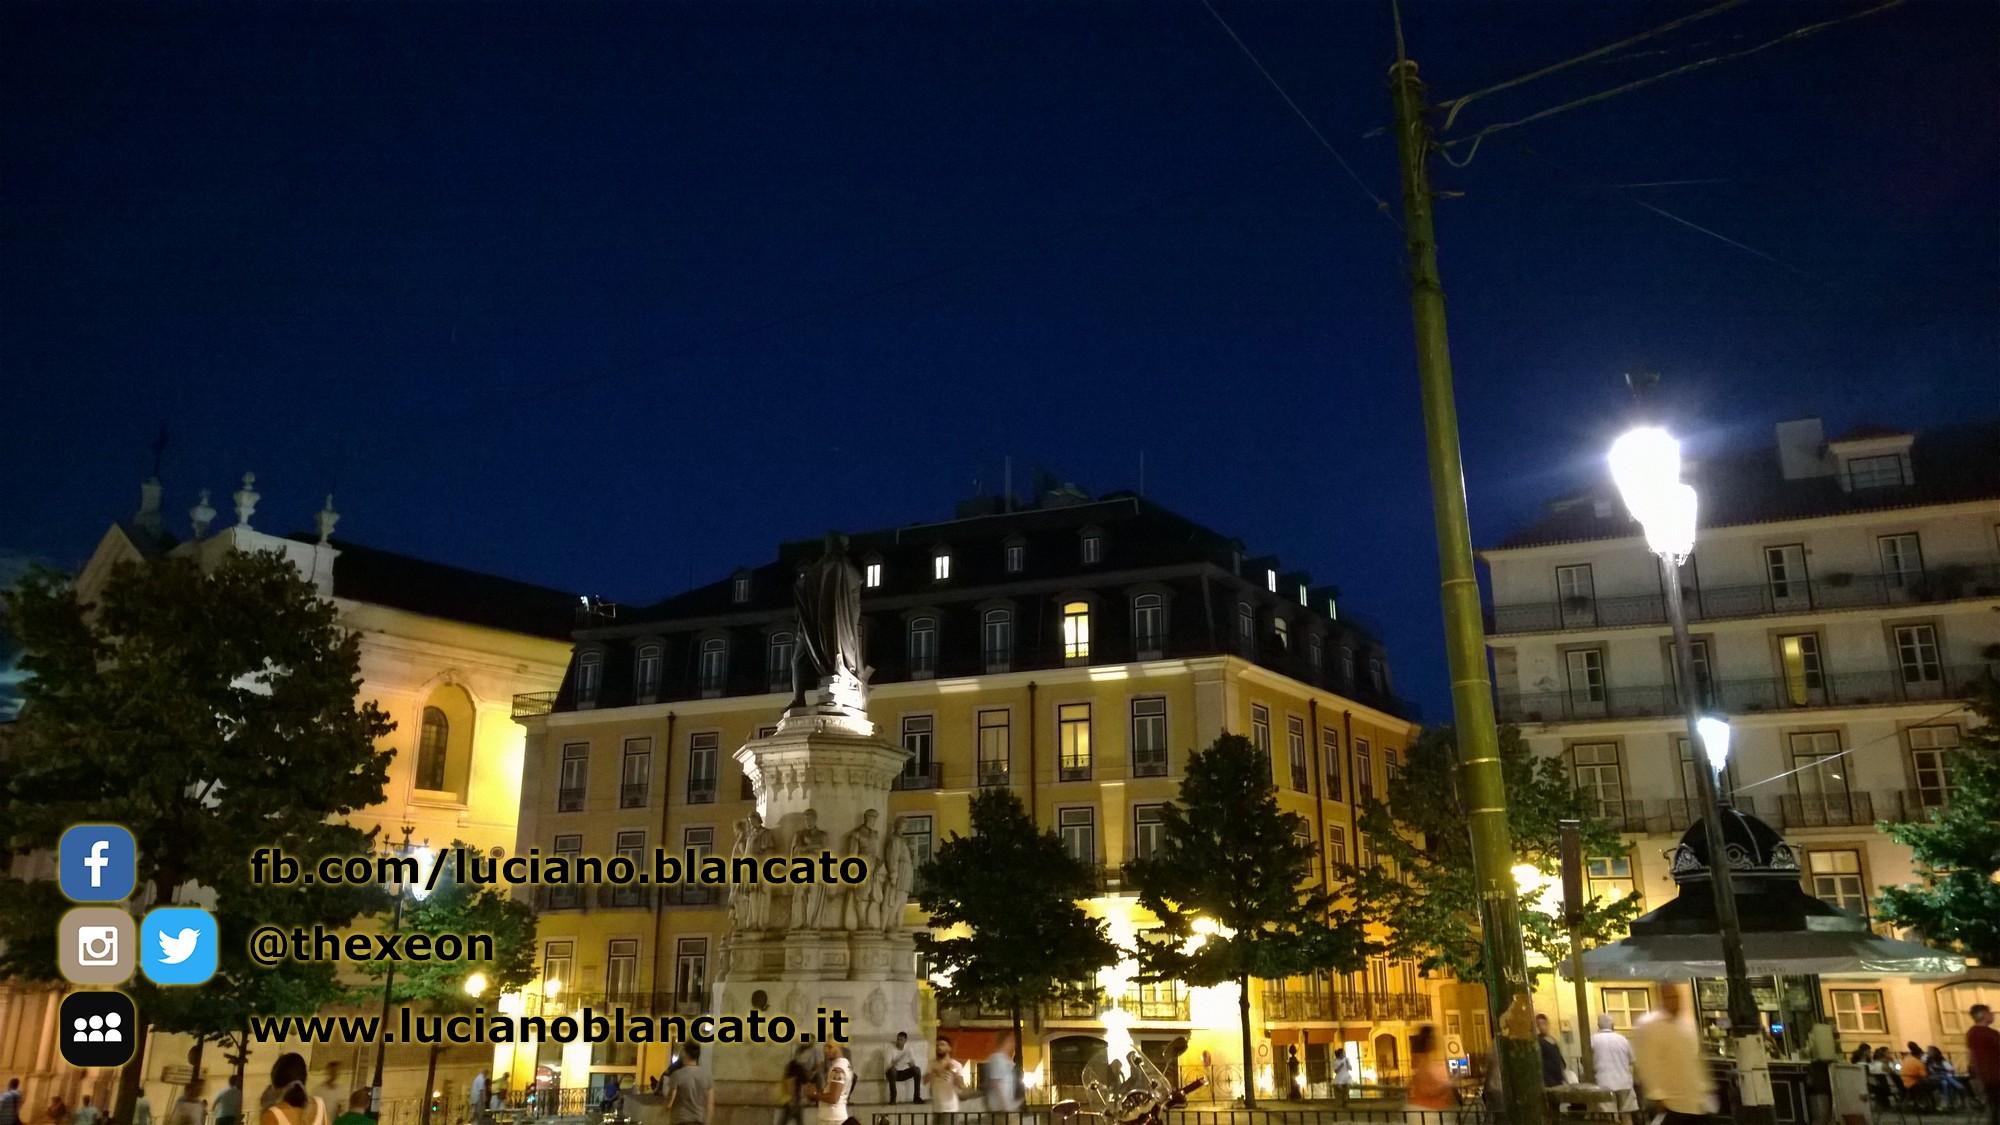 Lisbona - in giro per la città nella notte